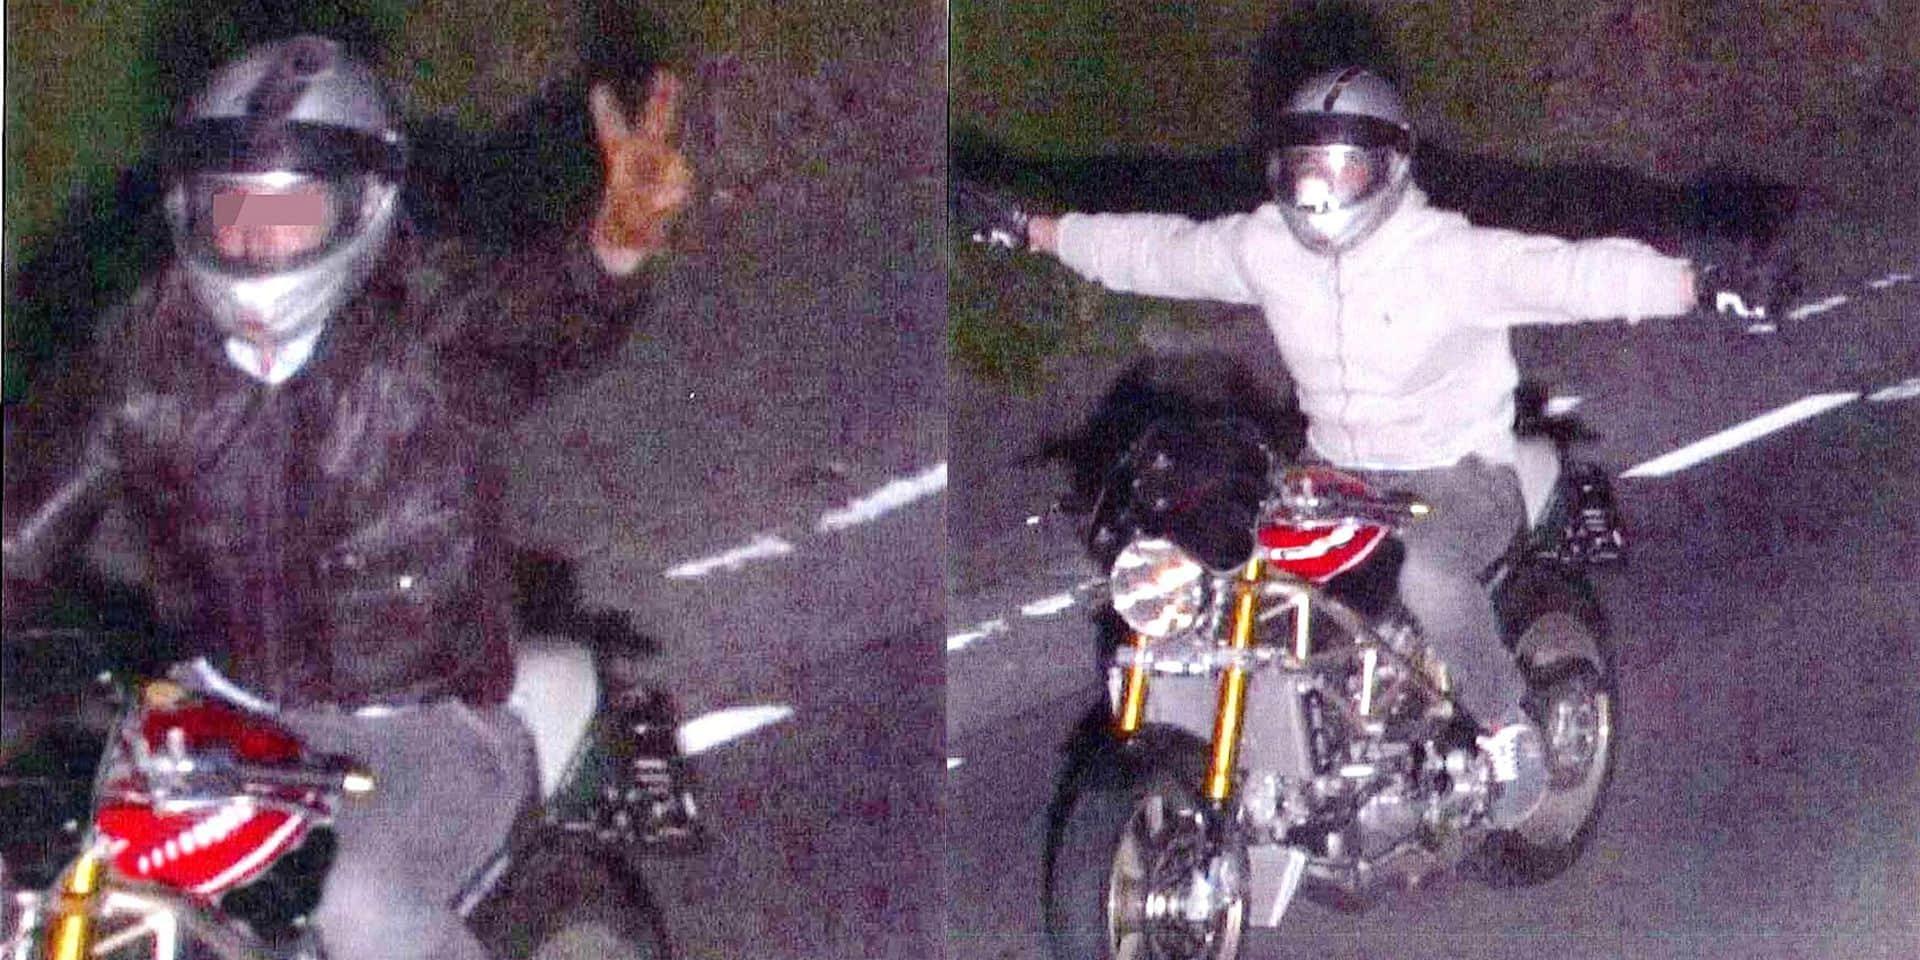 Il provoque la police en se faisant flasher : deux selfies-radar qui coûtent très cher à ce motard !